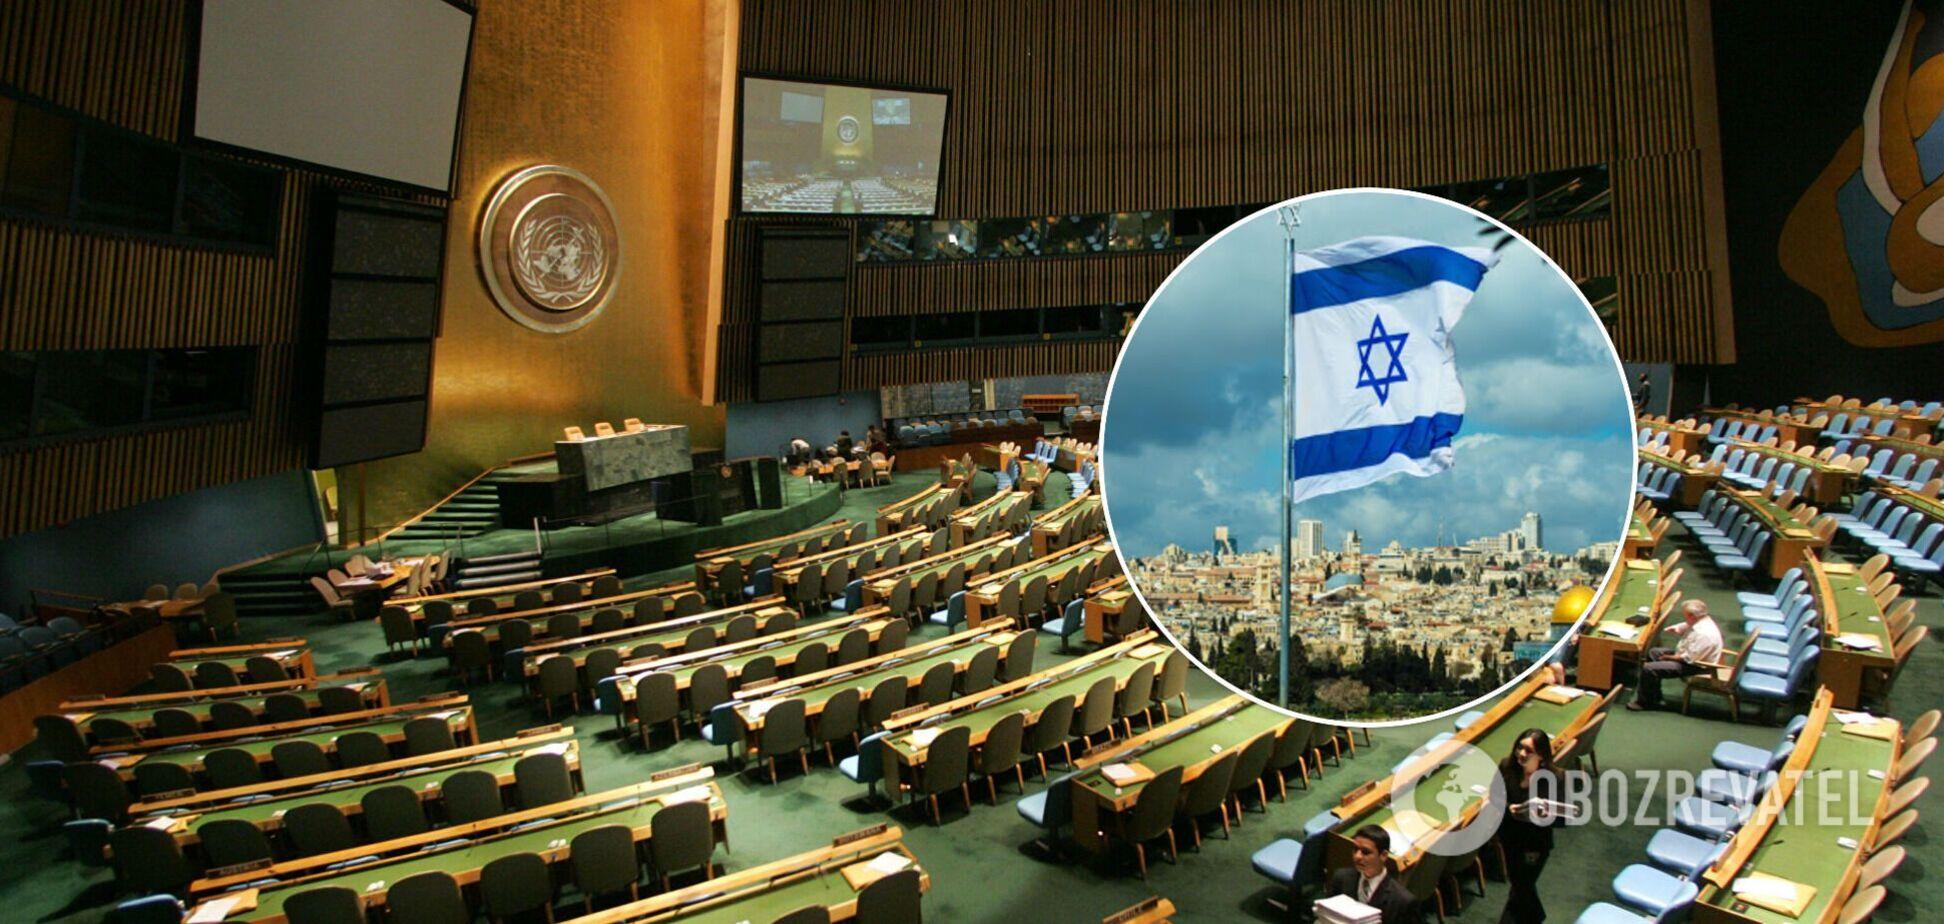 В ООН уперше прирівняли антисемітизм до тероризму: що містить резолюція